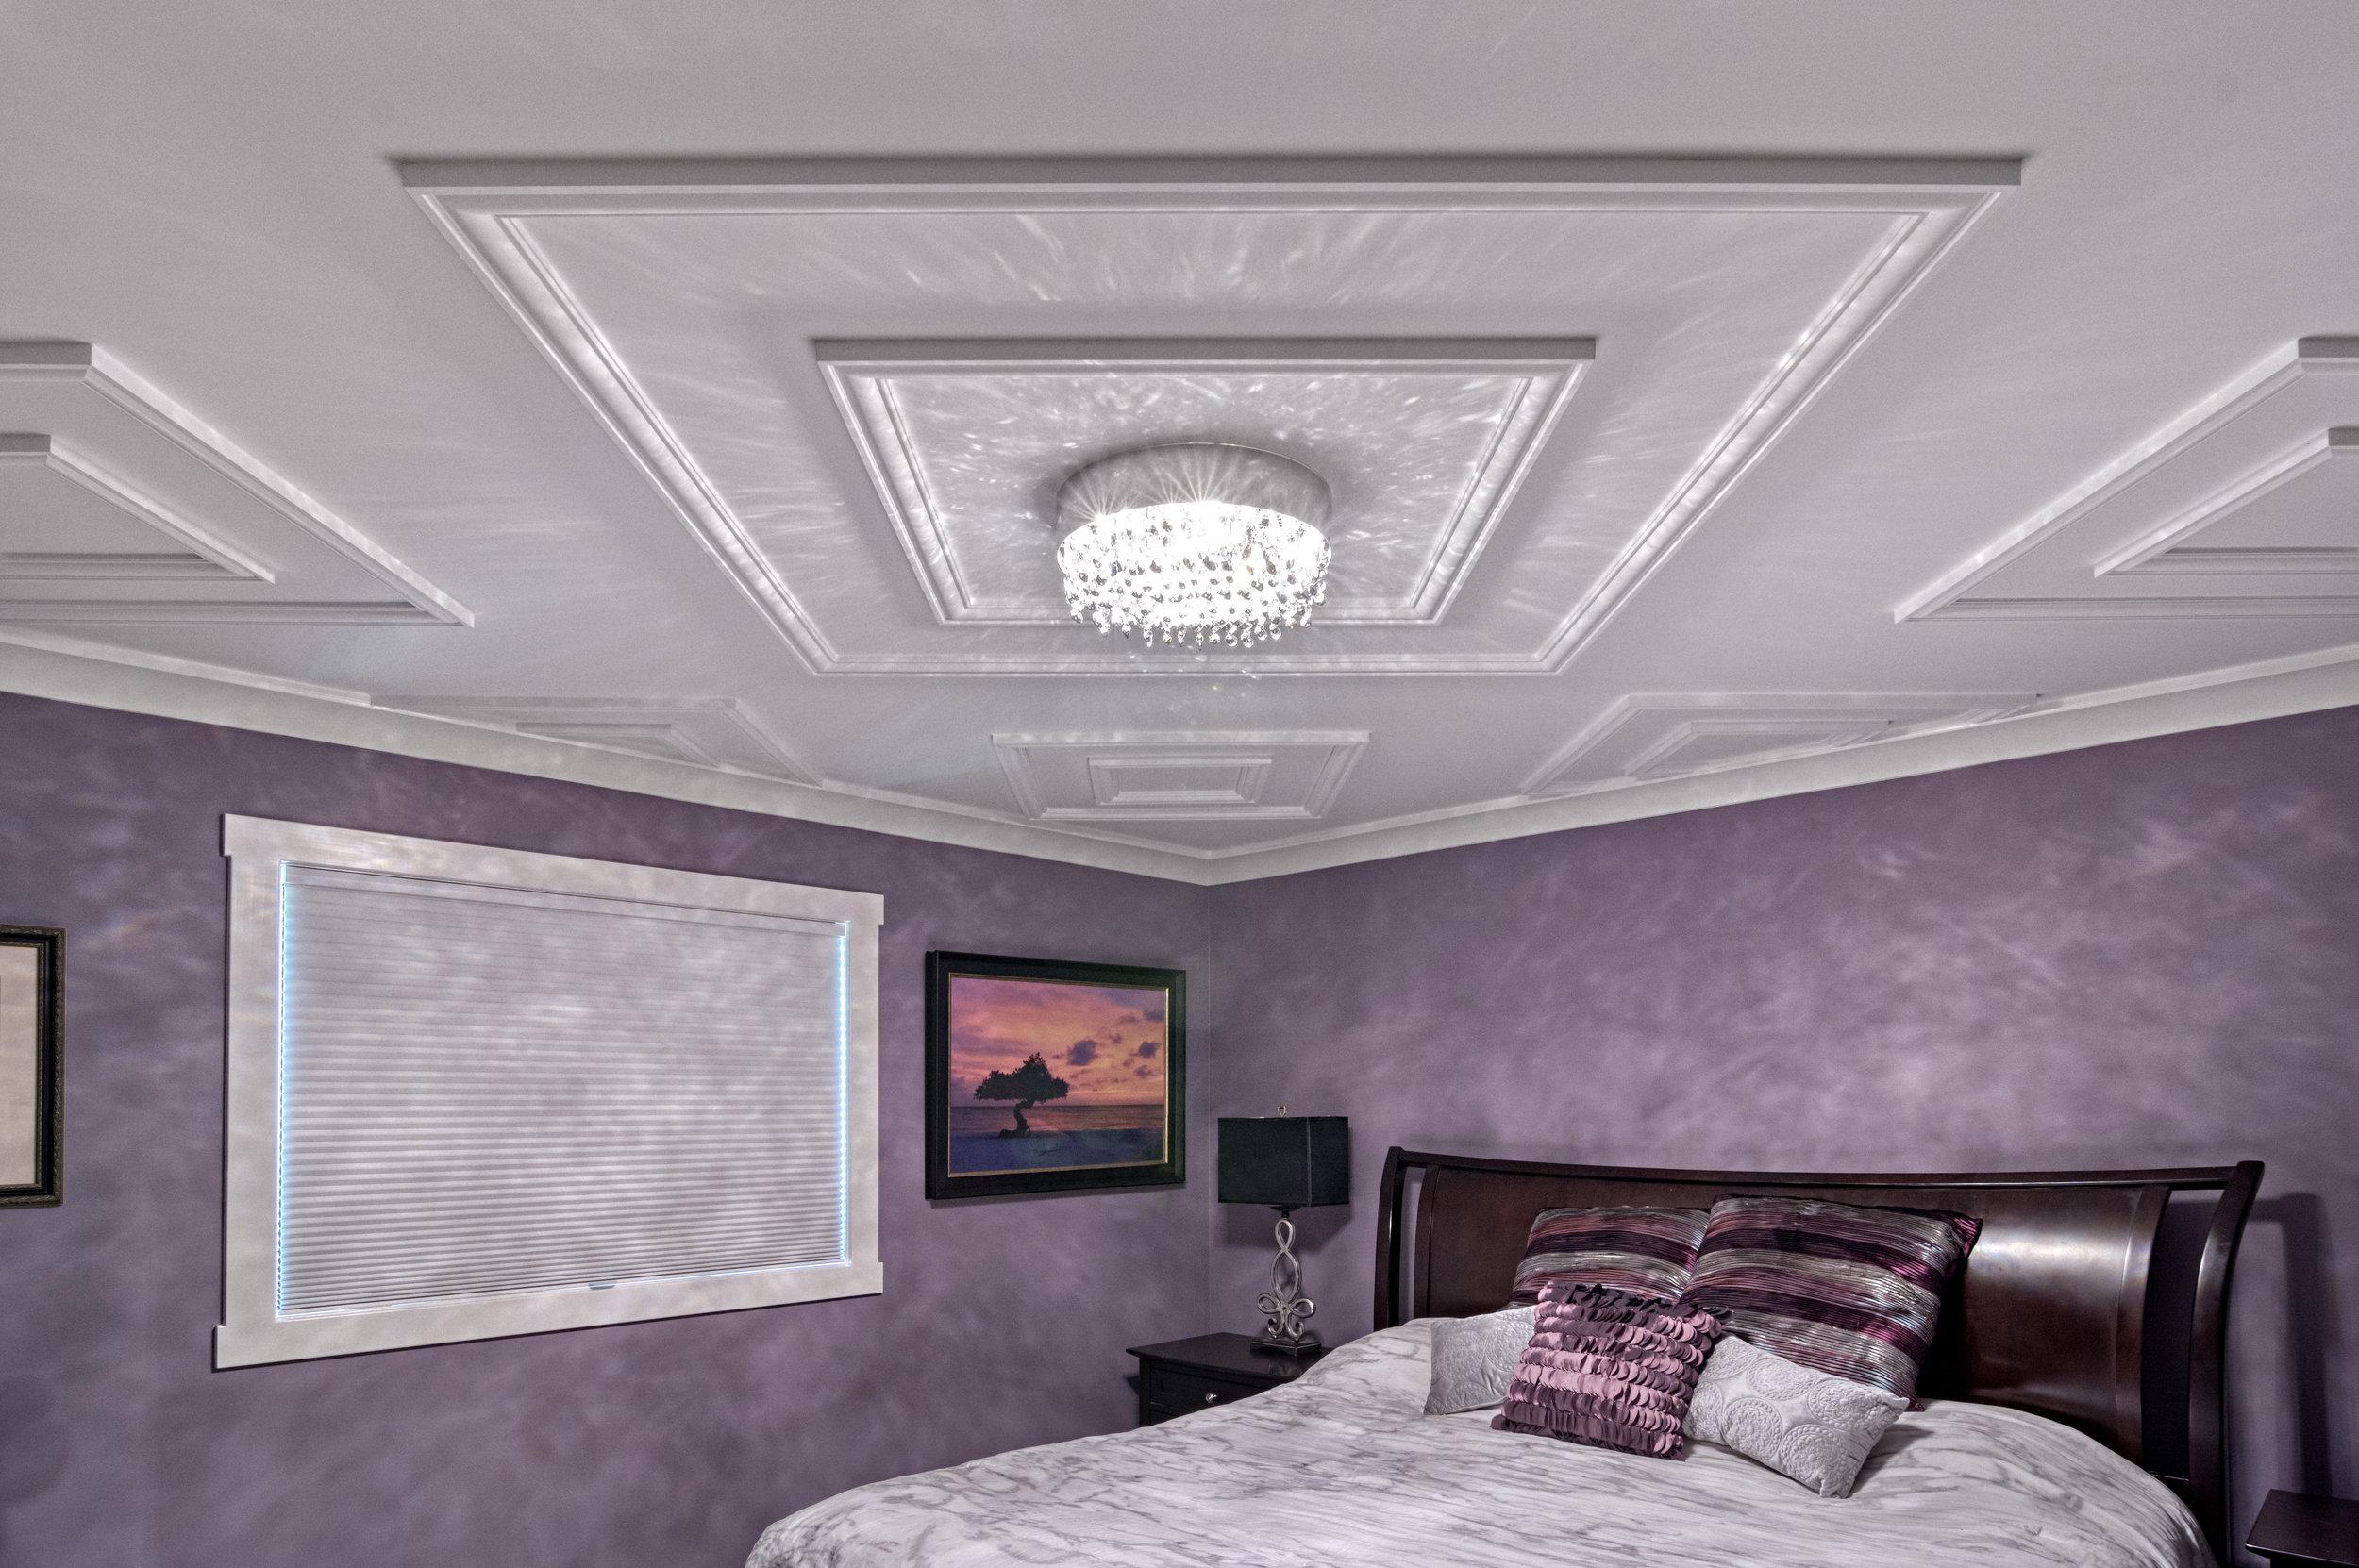 St Cyr bedroom ceiling.jpg